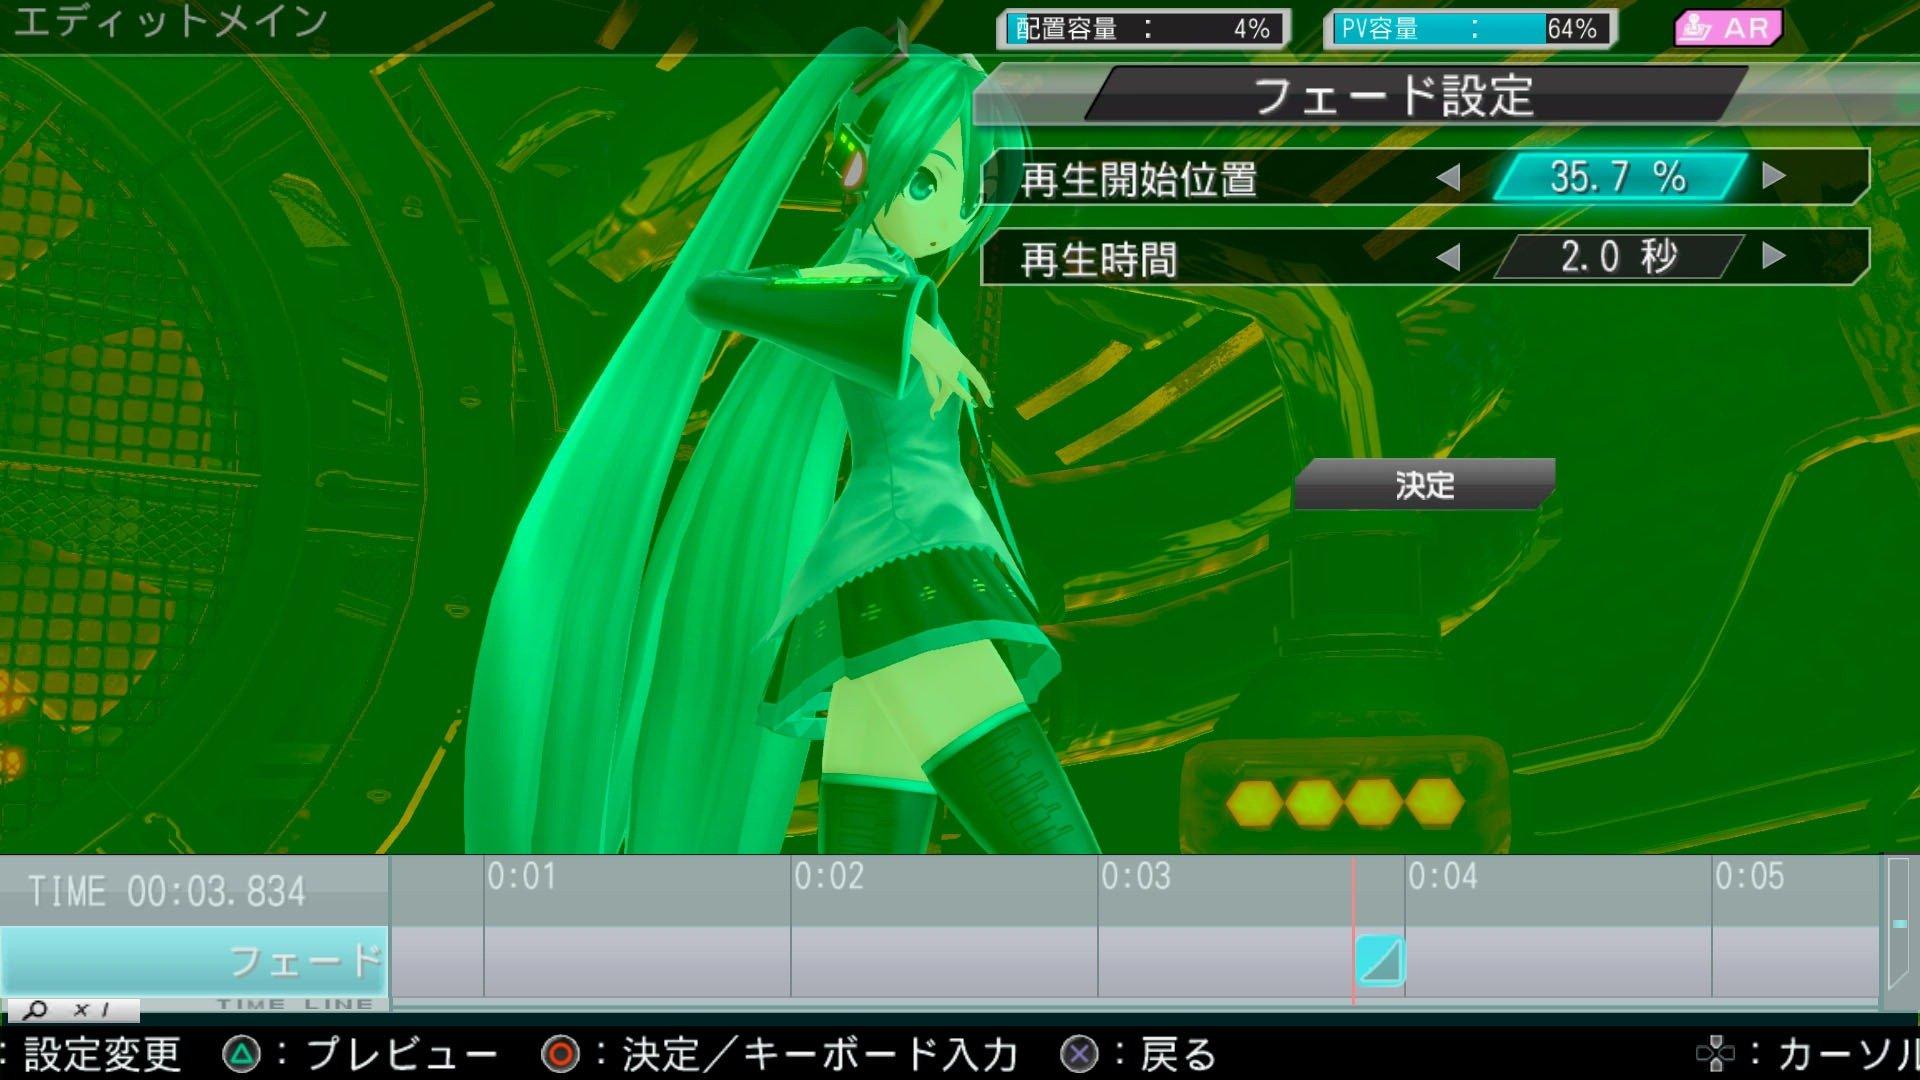 Hatsune Miku: Project DIVA F 2nd (Неделя ритм-гейма!) - Изображение 12